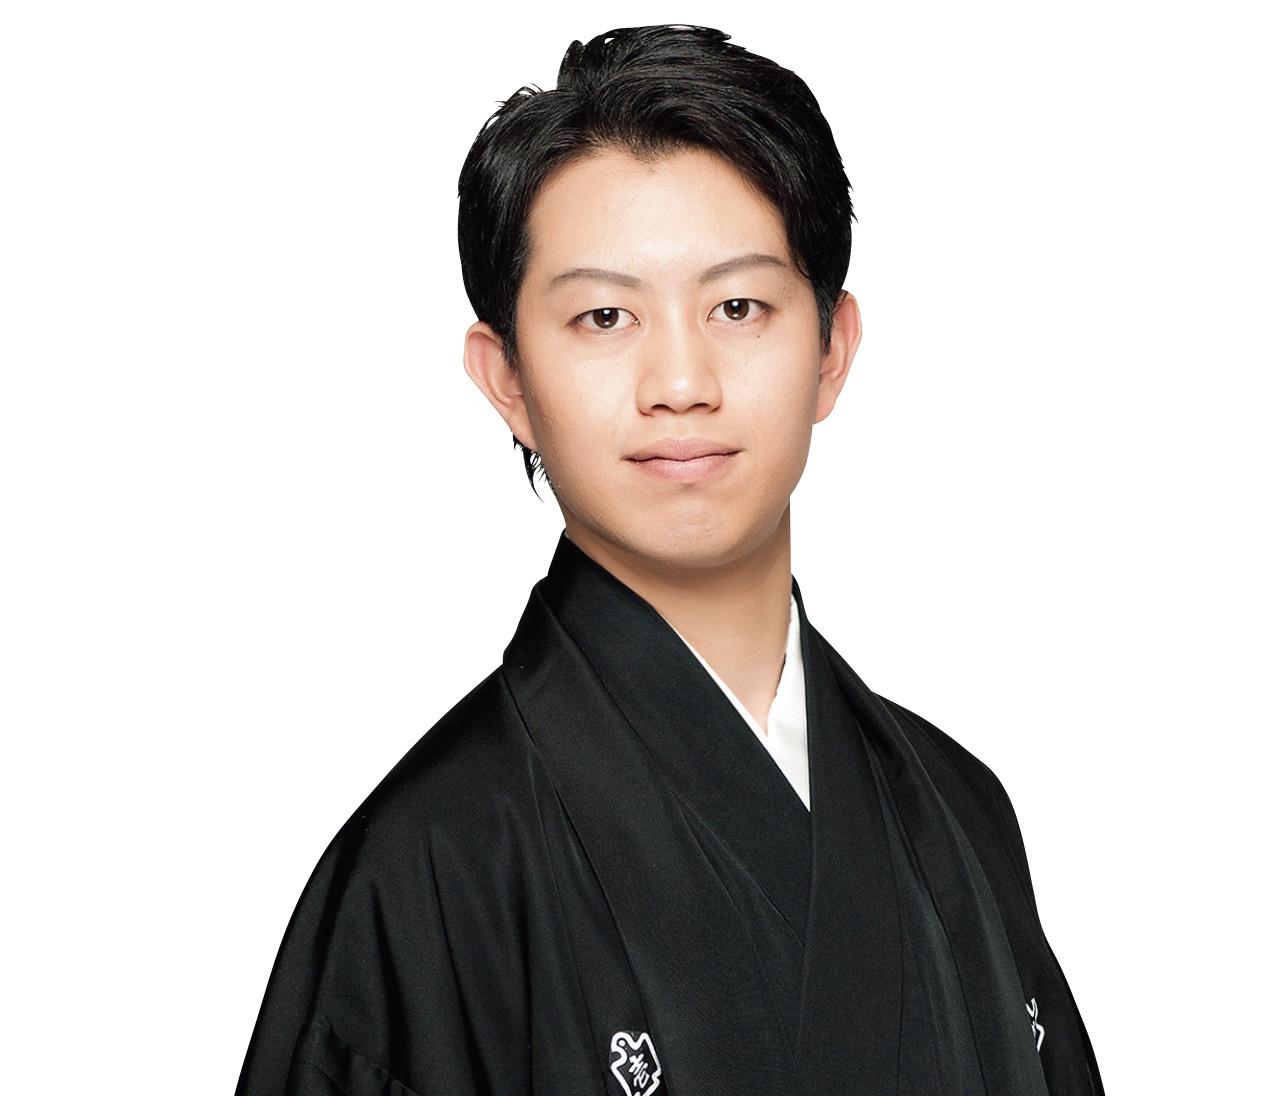 【推せる!若手花形歌舞伎俳優1】中村壱太郎さんがYouTubeで活躍ってホント!?